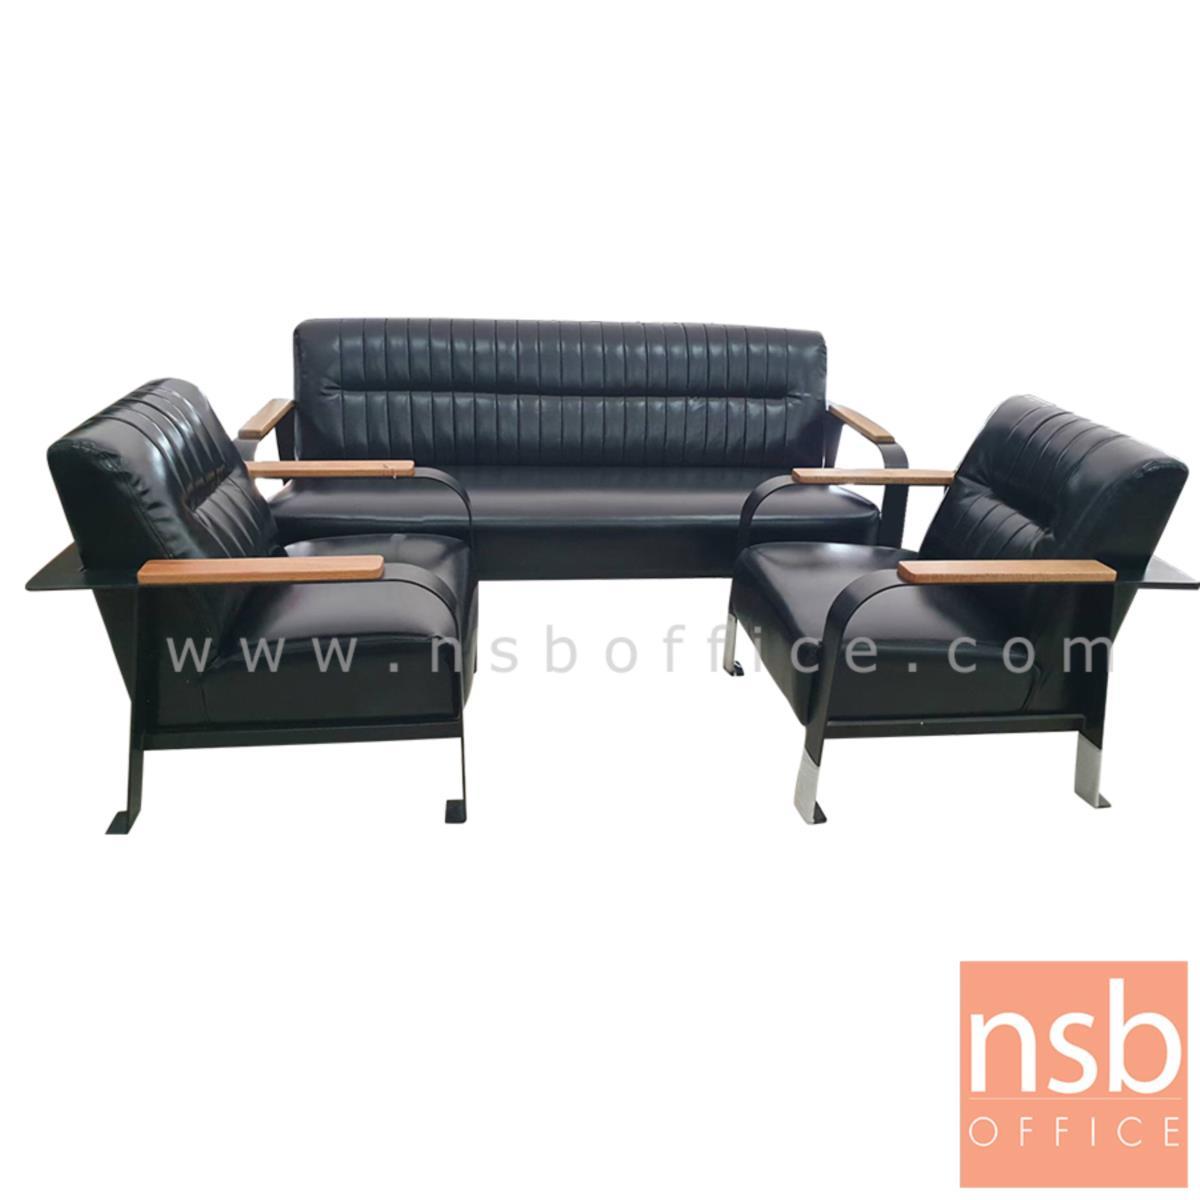 B31A051:ชุดโซฟารับแขก รุ่น carina (คาริน่า) 3 ที่นั่ง, 2 ที่นั่ง  โครงขาเหล็ก